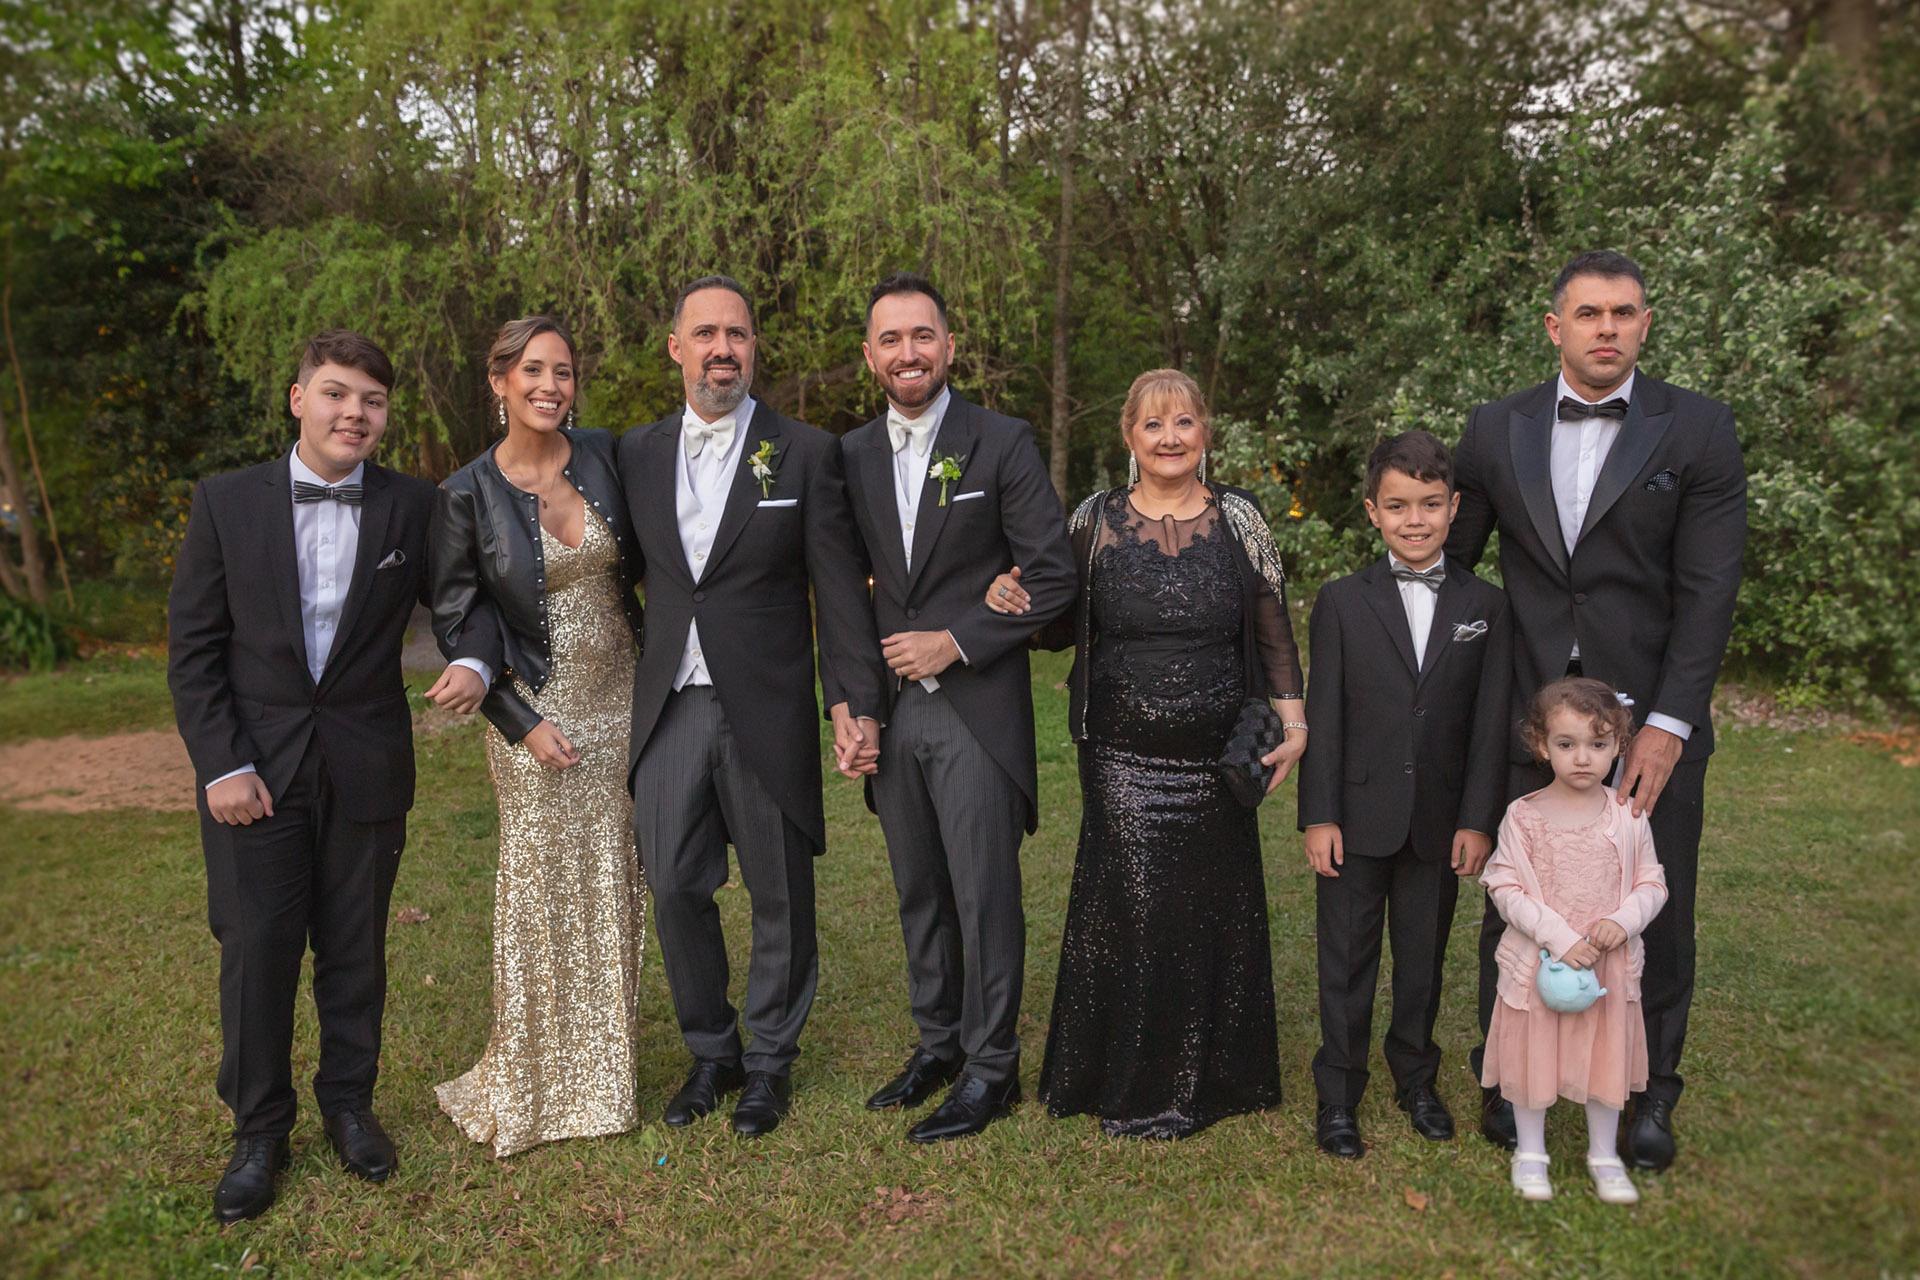 Los esposos junto a la familia de Nicolás Pottery: Lautaro Martínez, Lucía Domínguez y María Rosa Ramírez junto a Ignacio, Ezequiel y Camila Martínez